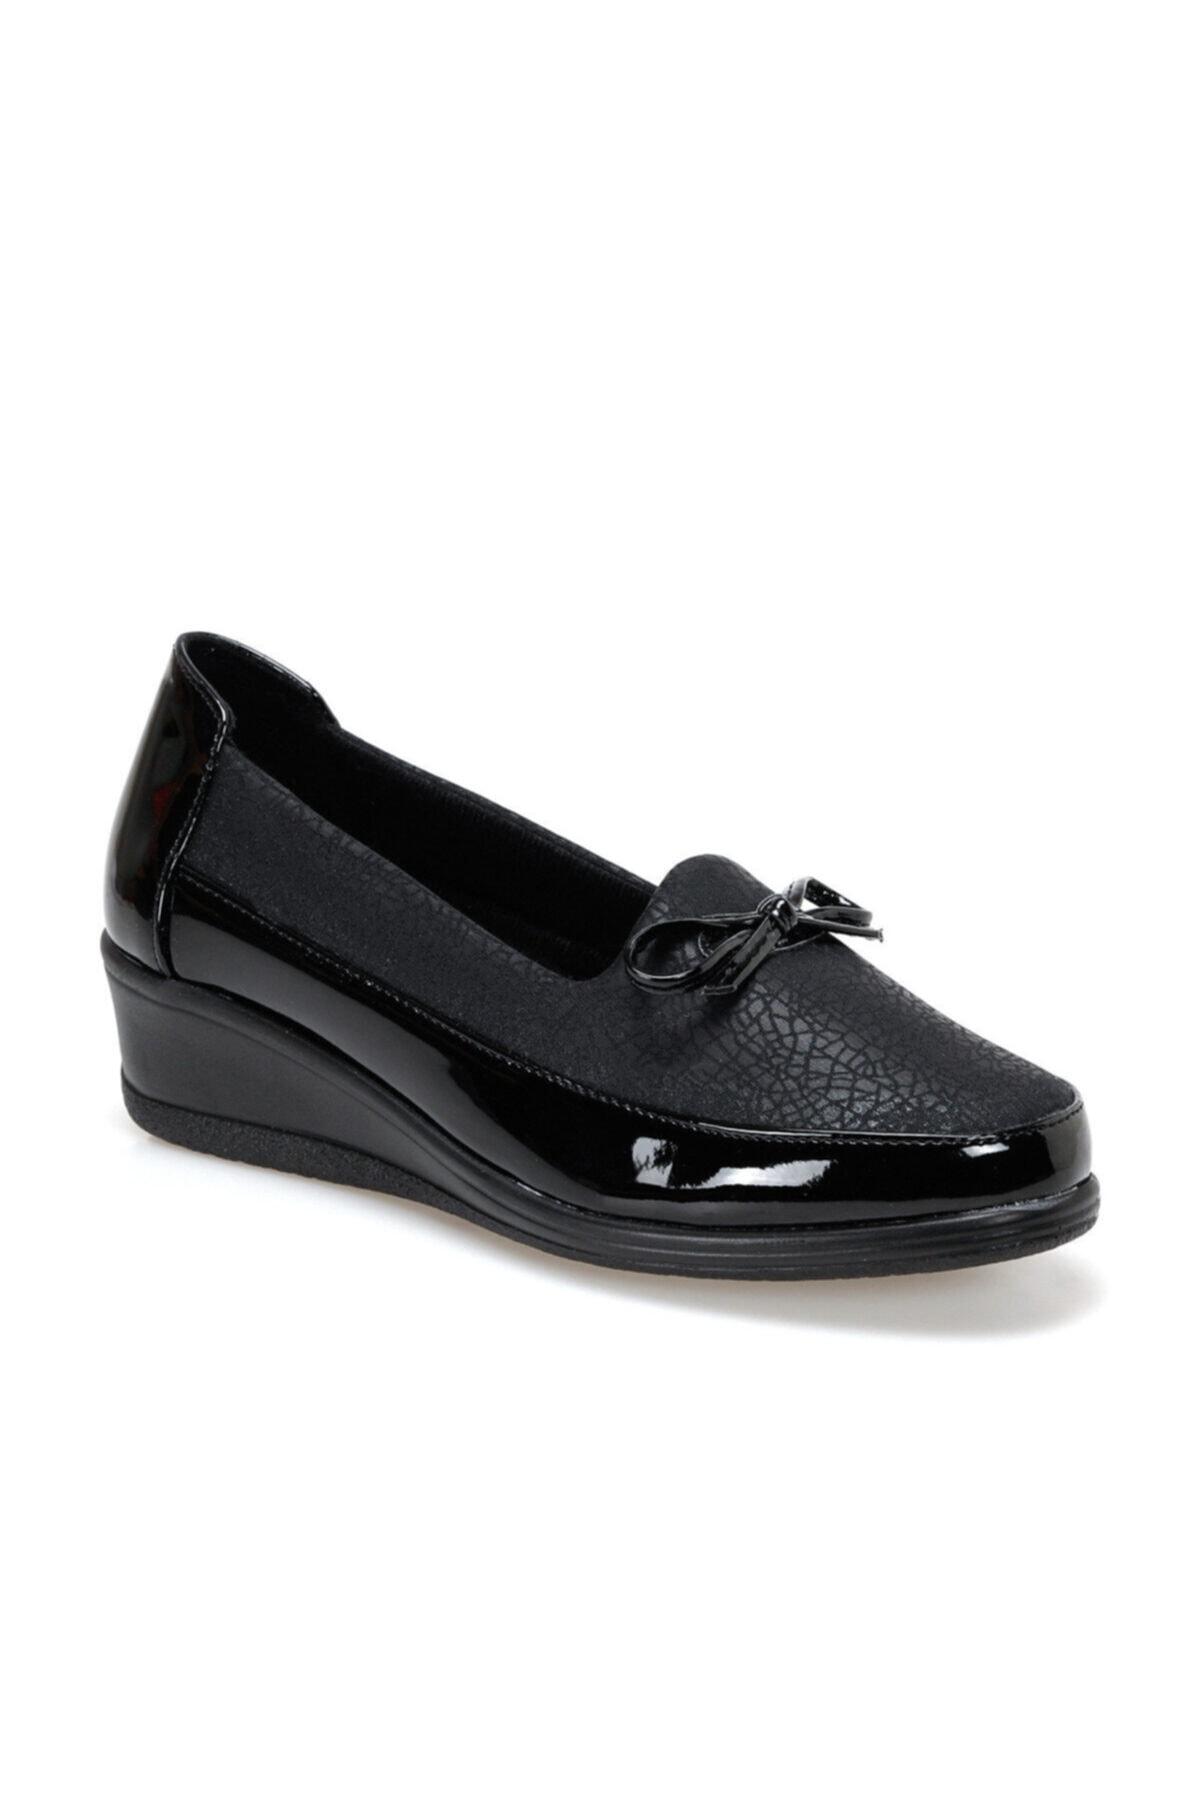 161465.Z Siyah Kadın Comfort Ayakkabı 100557718